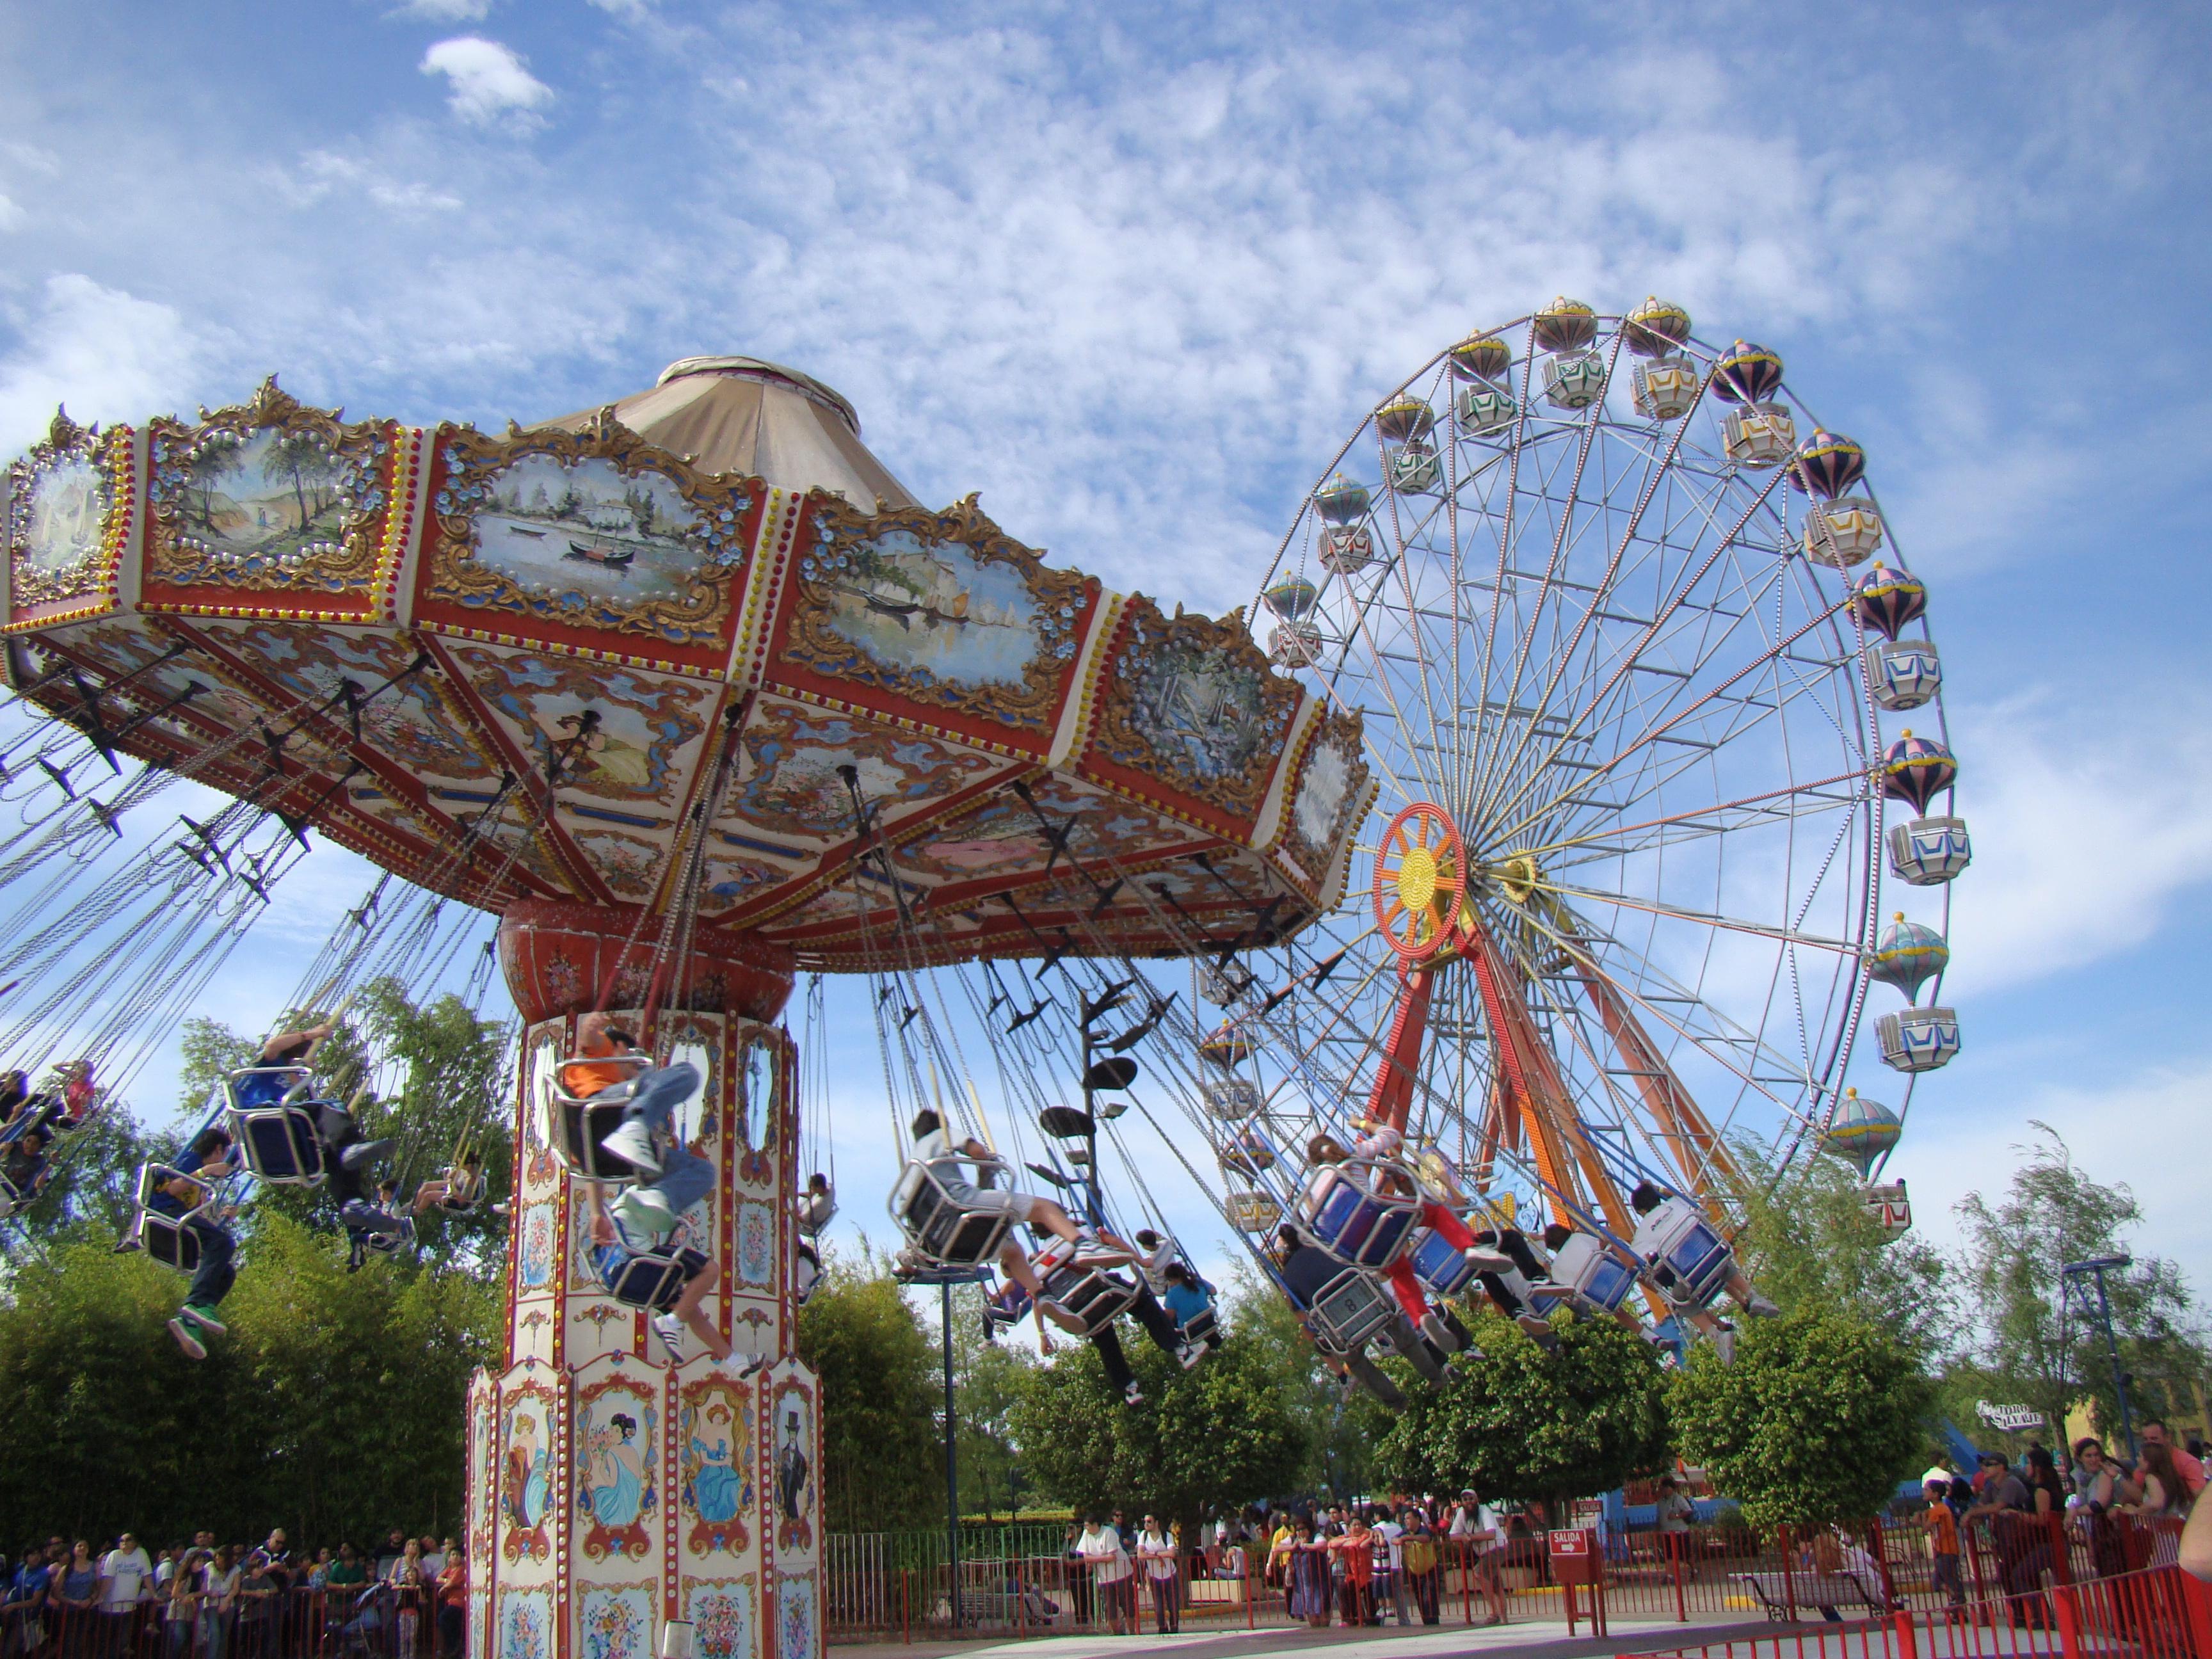 Agencias de viajes quieren un Parque de la Costa en Rosario.